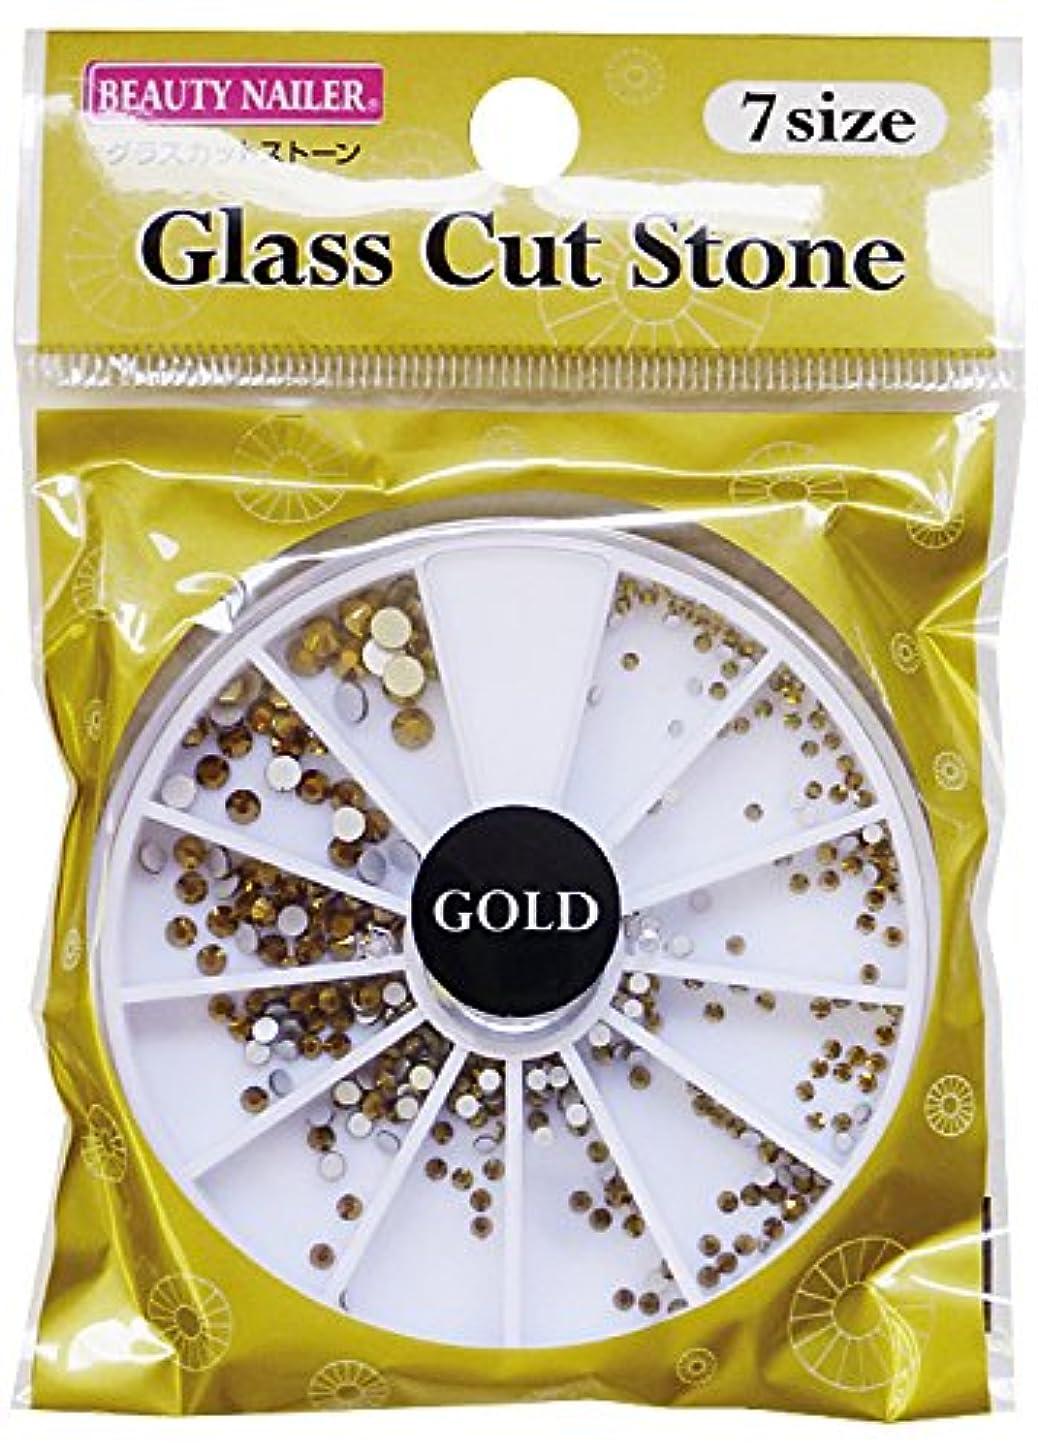 ラフオリエンタルフィッティングビューティーネイラー グラスカットストーン ゴールド GCS-1